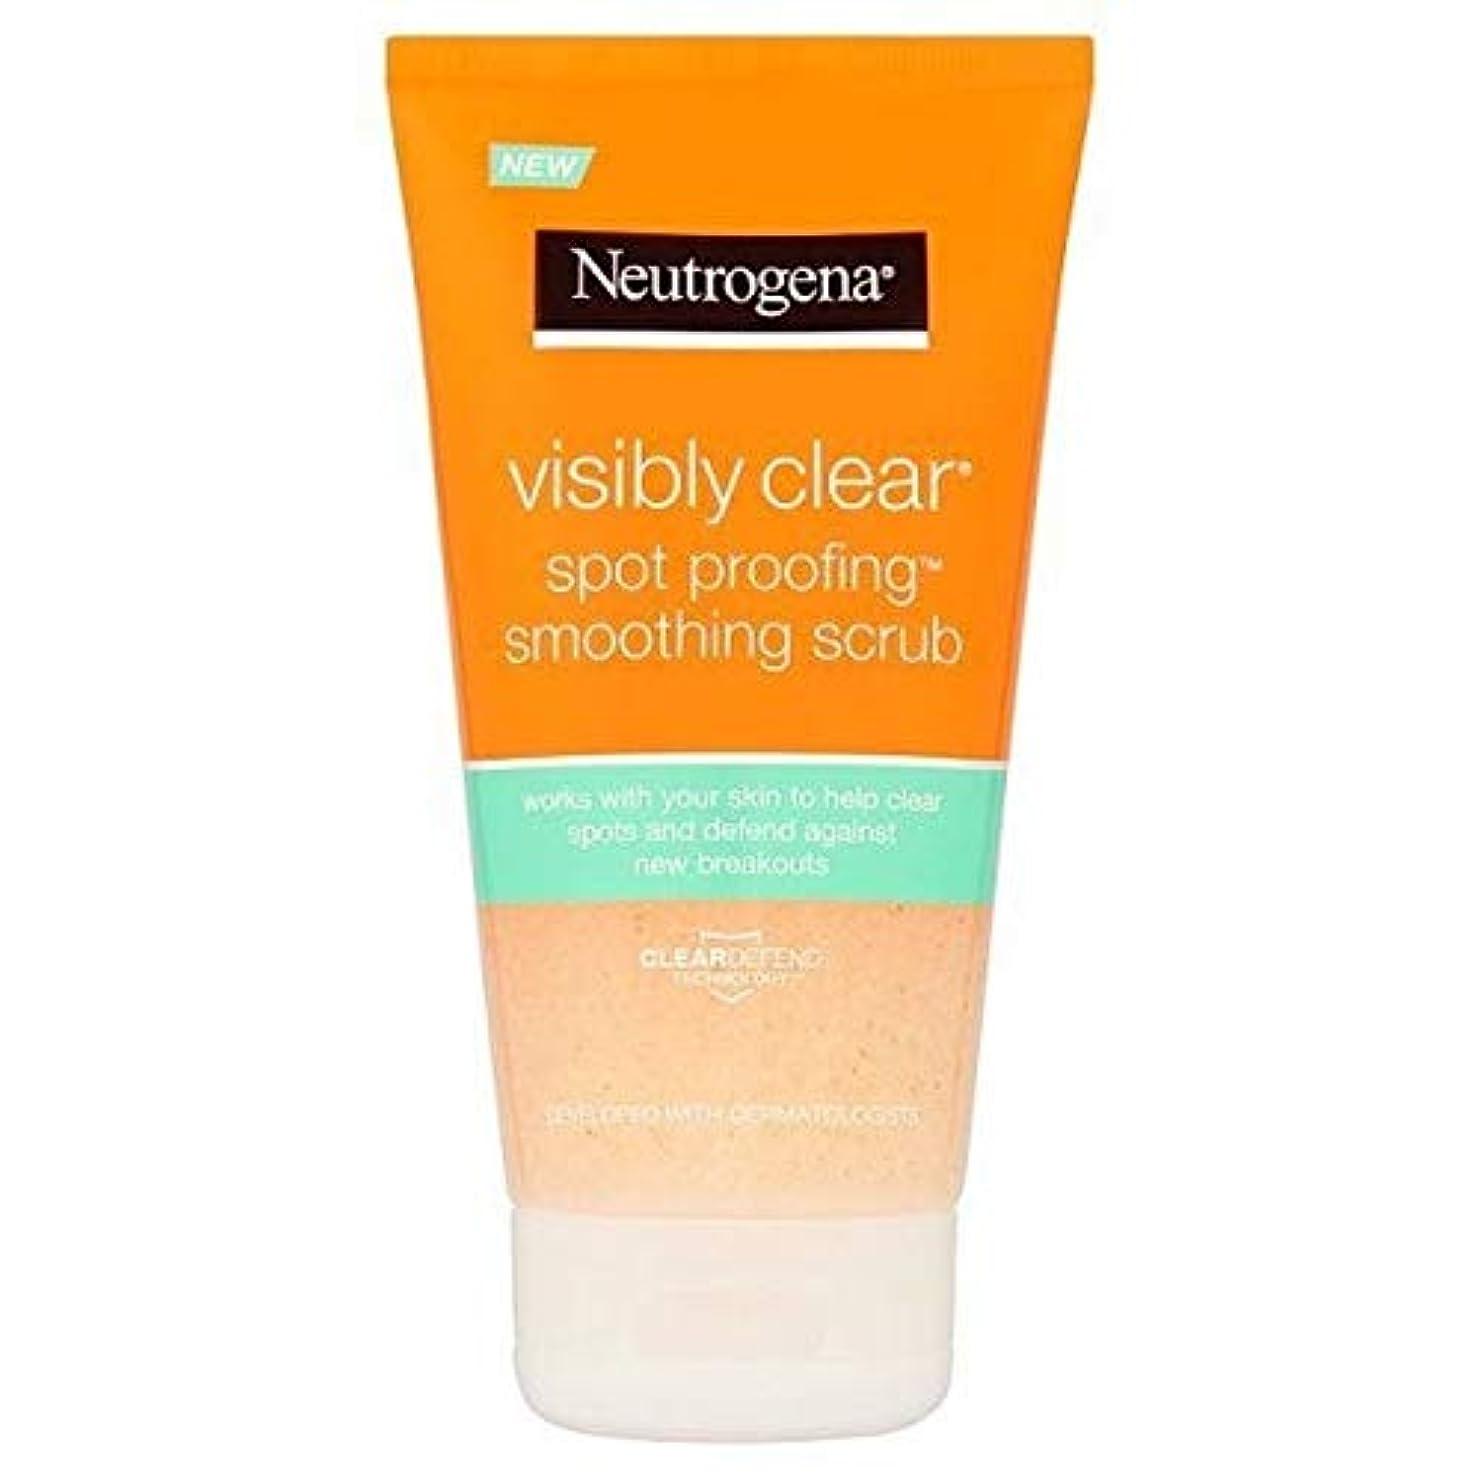 うがい薬同情トーナメント[Neutrogena ] ニュートロジーナ目に見えて明らかスポットプルーフスムージングスクラブ150ミリリットル - Neutrogena Visibly Clear Spot Proofing Smoothing Scrub...